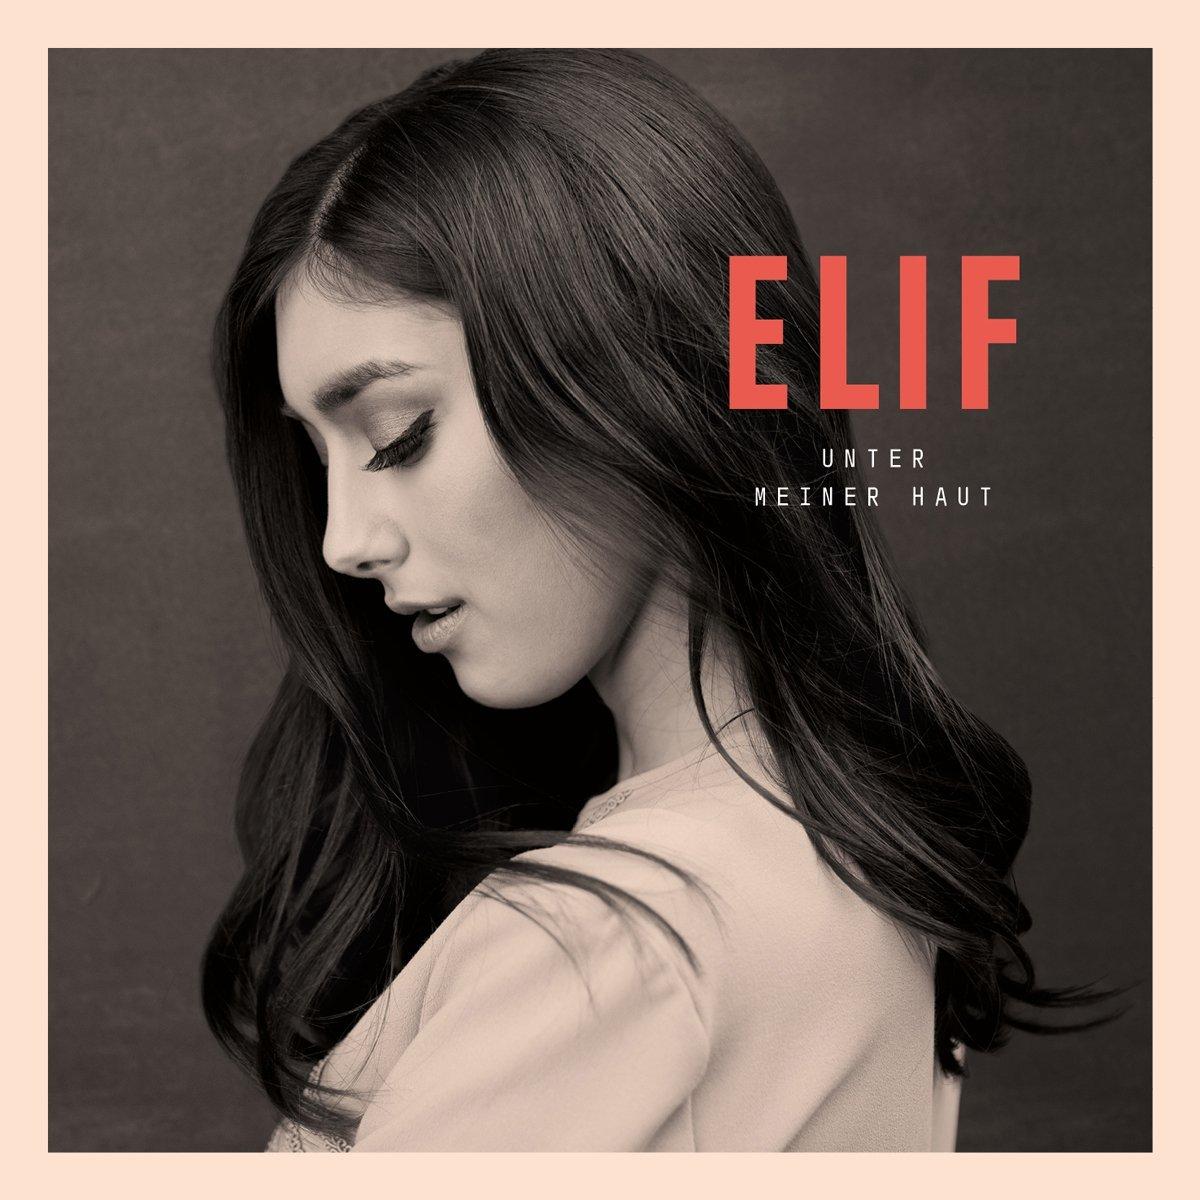 Elif – Unter meiner Haut: Ein berührendes Debüt mit Persönlichkeit